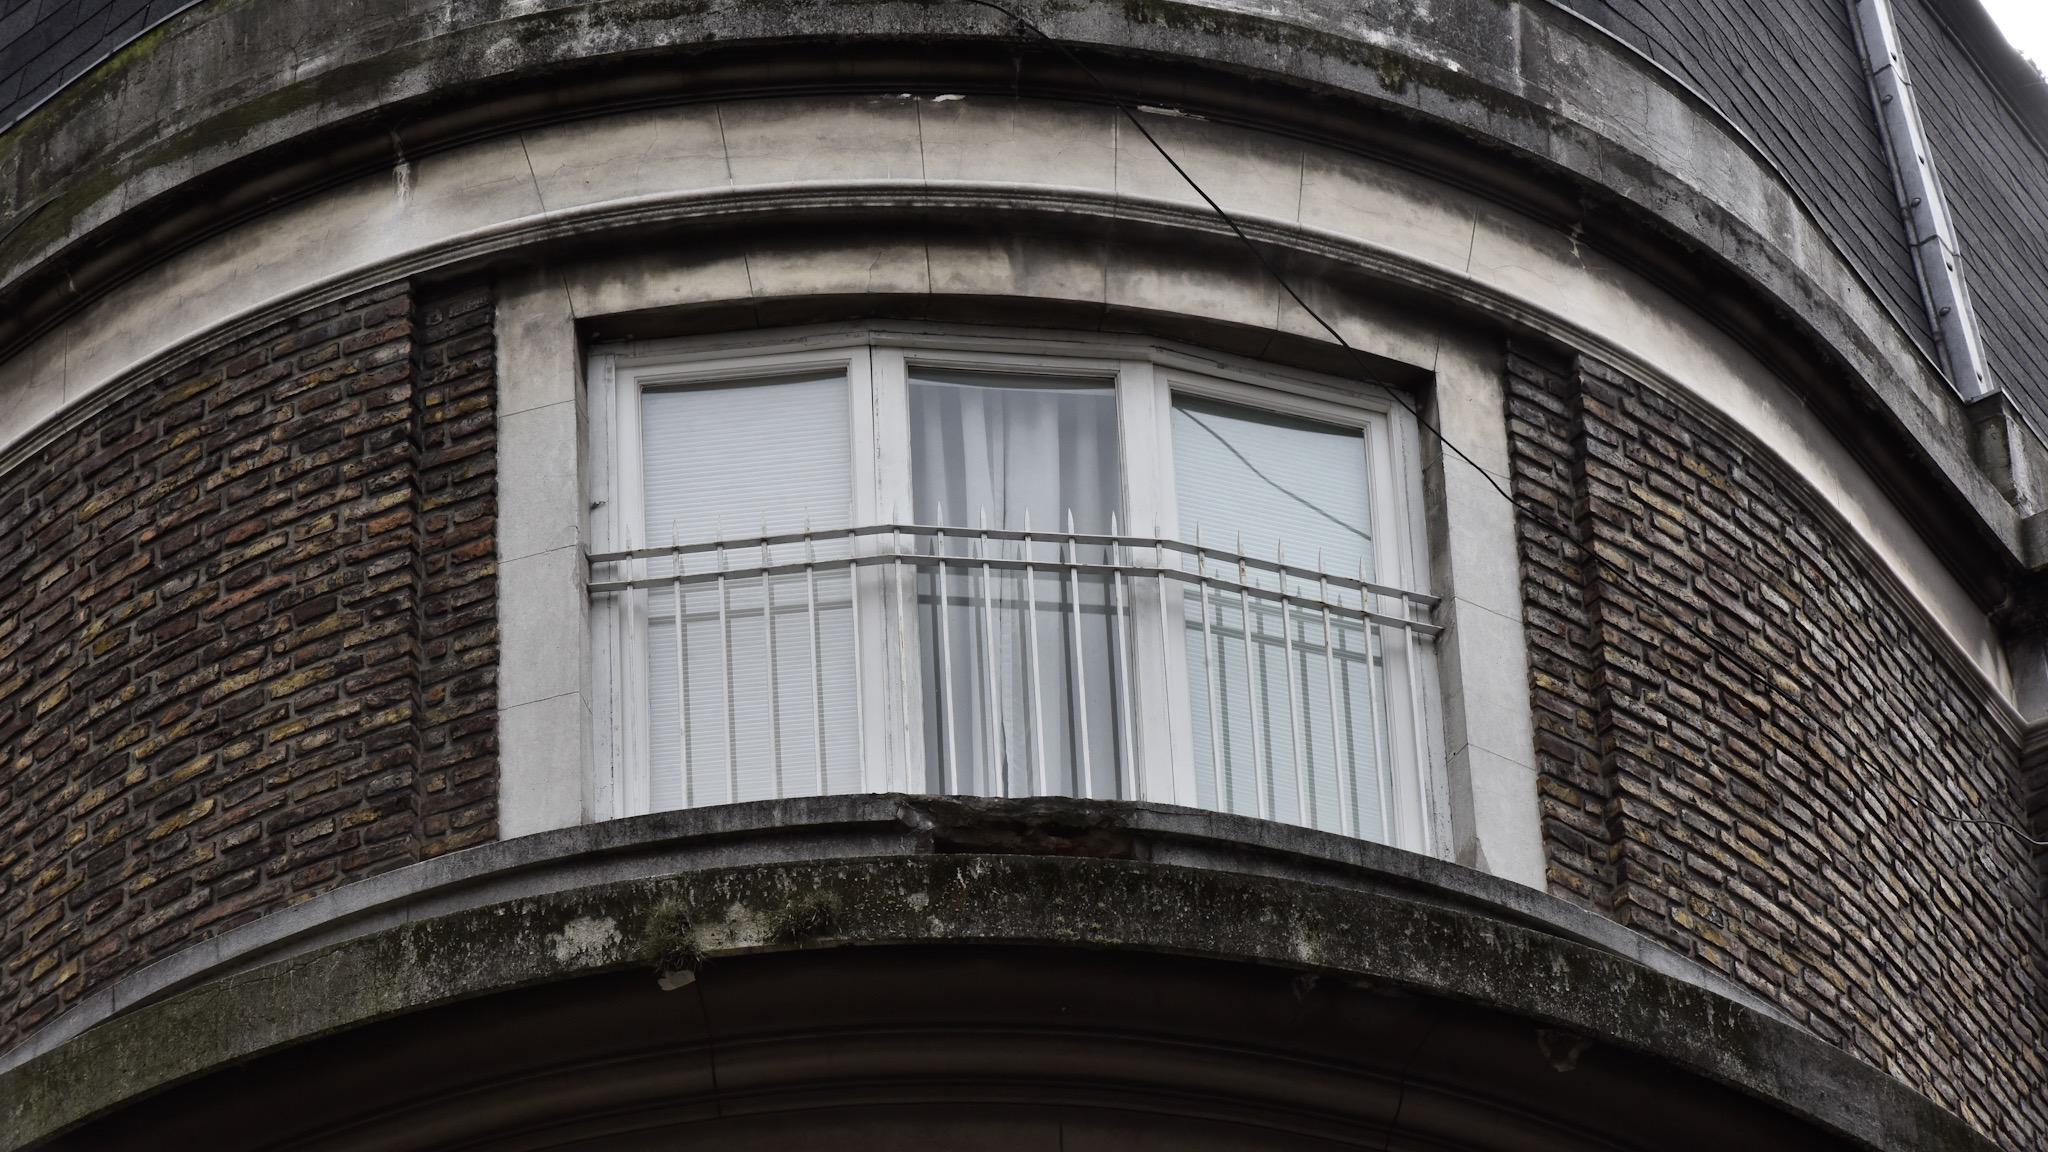 Las cortinas del departamento de la ex presidente se mantuvieron cerradas durante todo el día